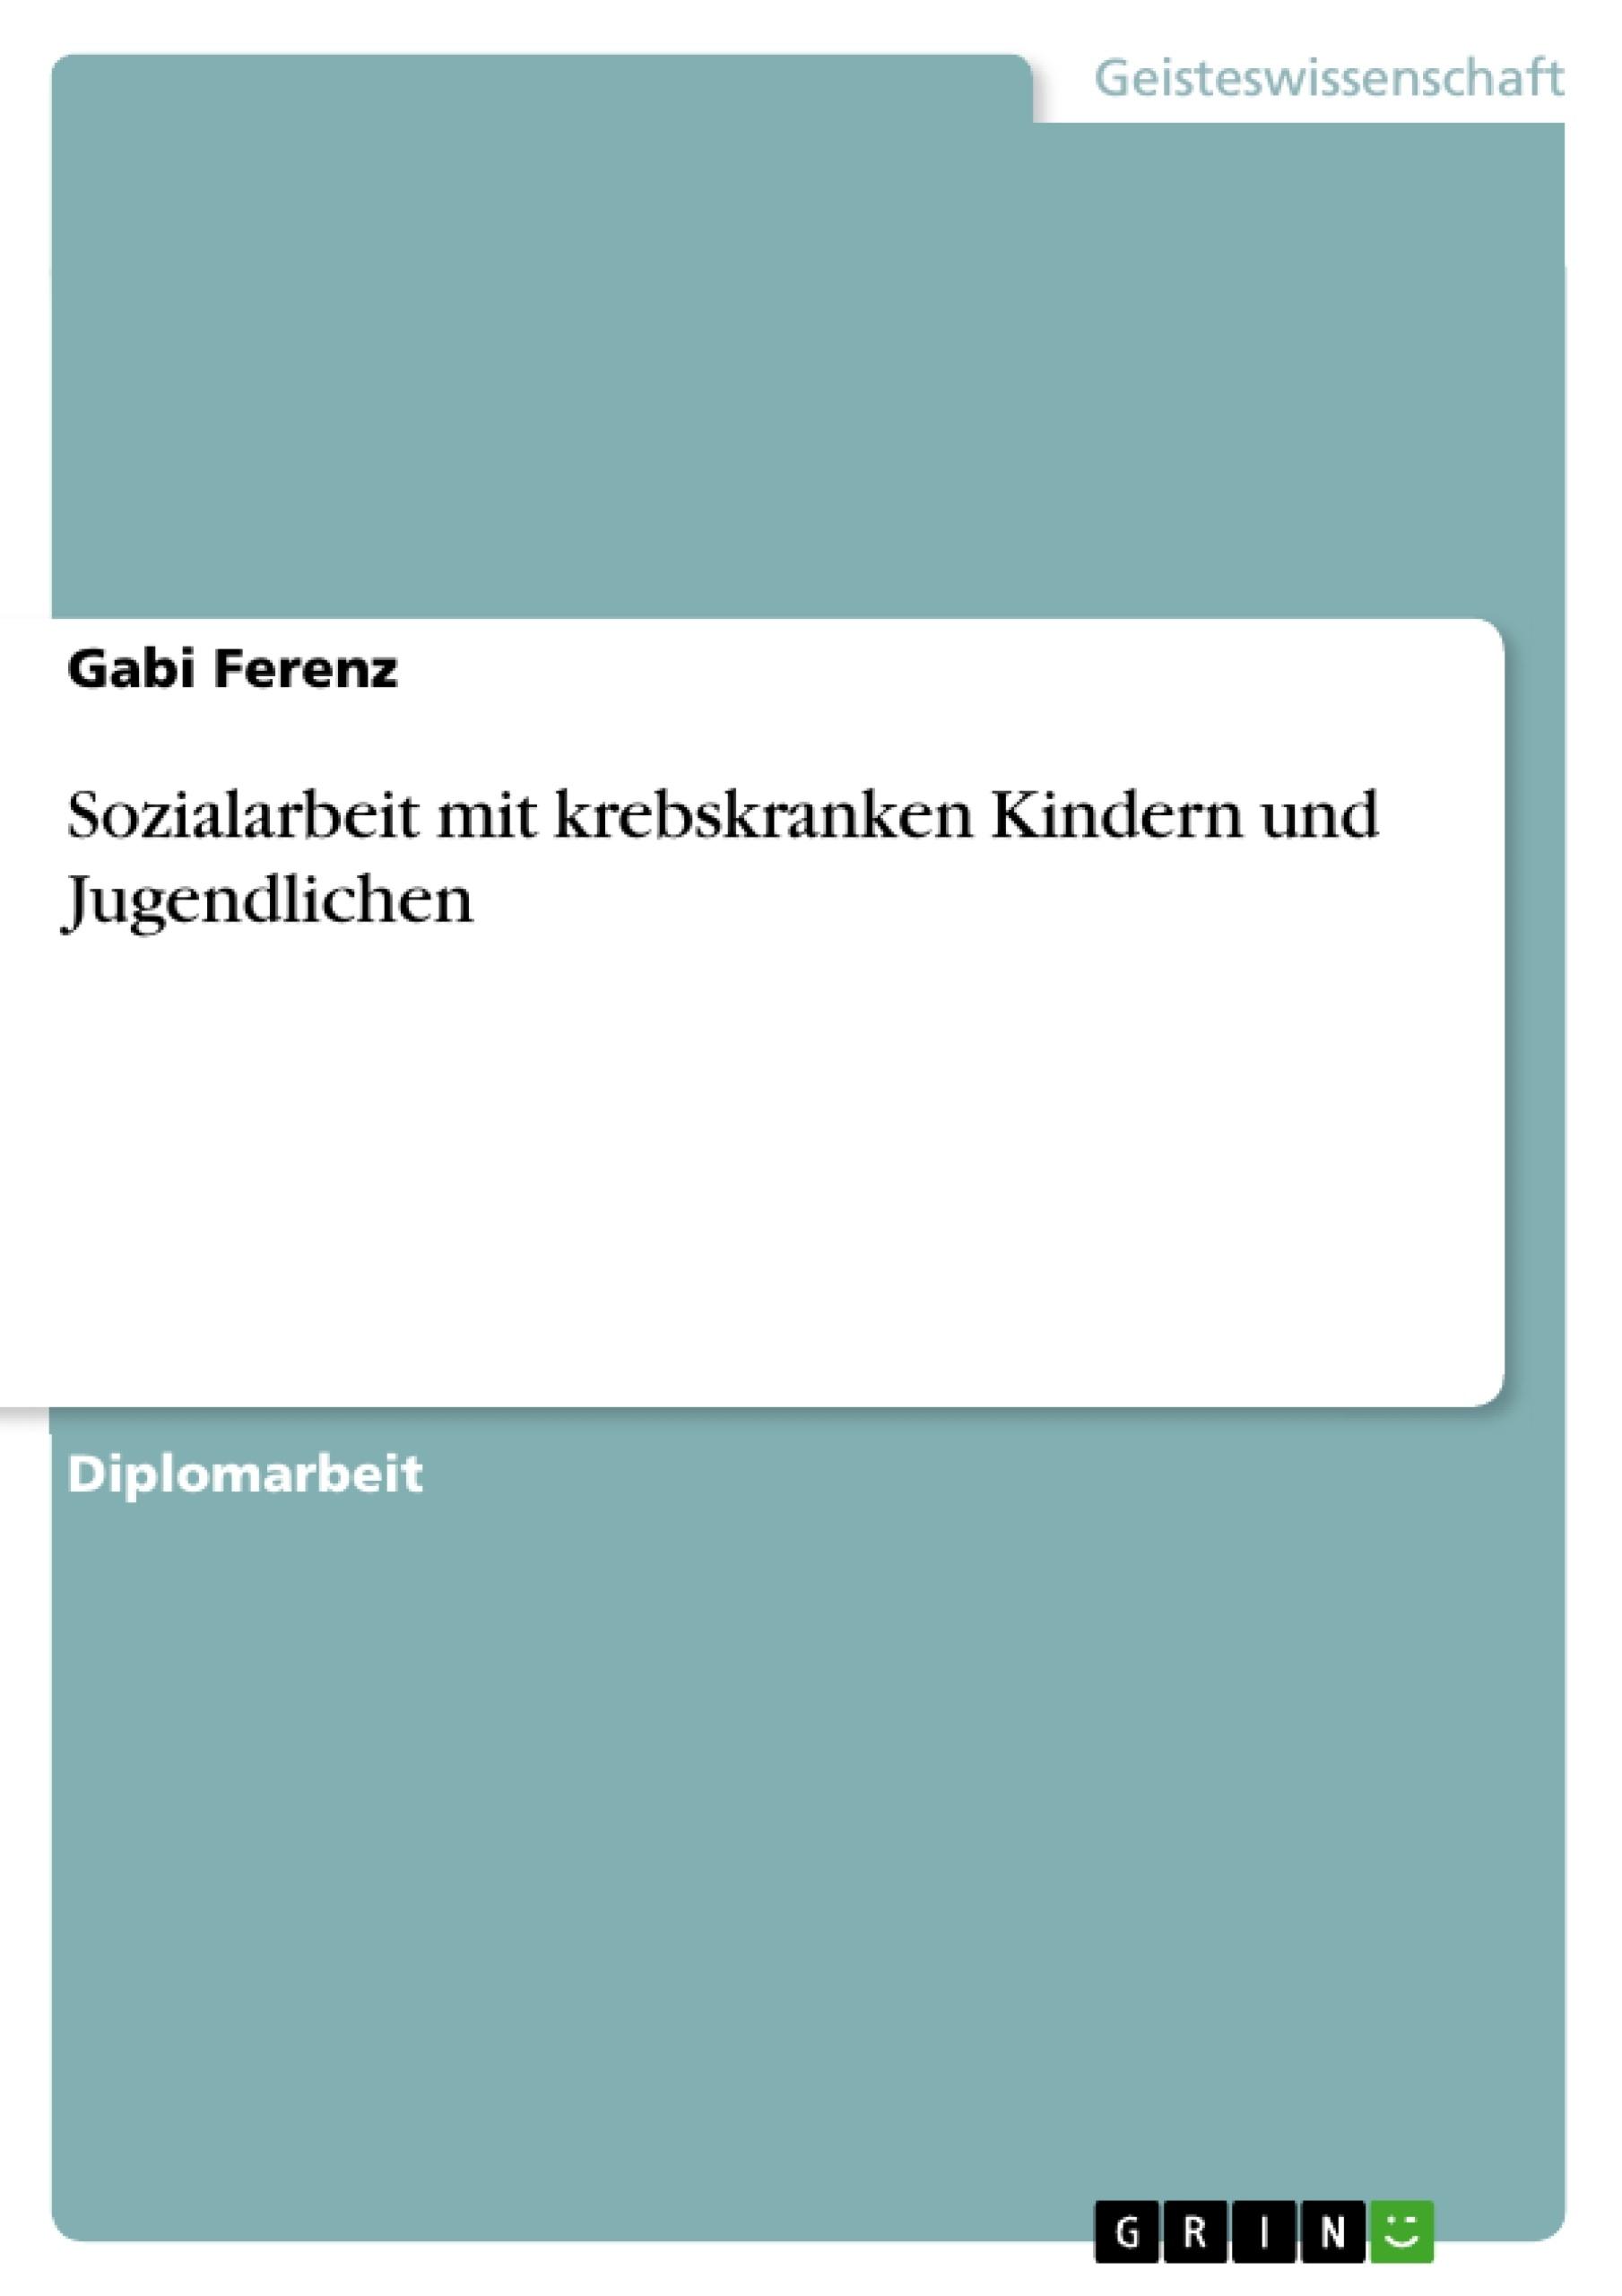 Atemberaubend Ideen Für Die Wiederaufnahme Der Beruflichen Ziele ...